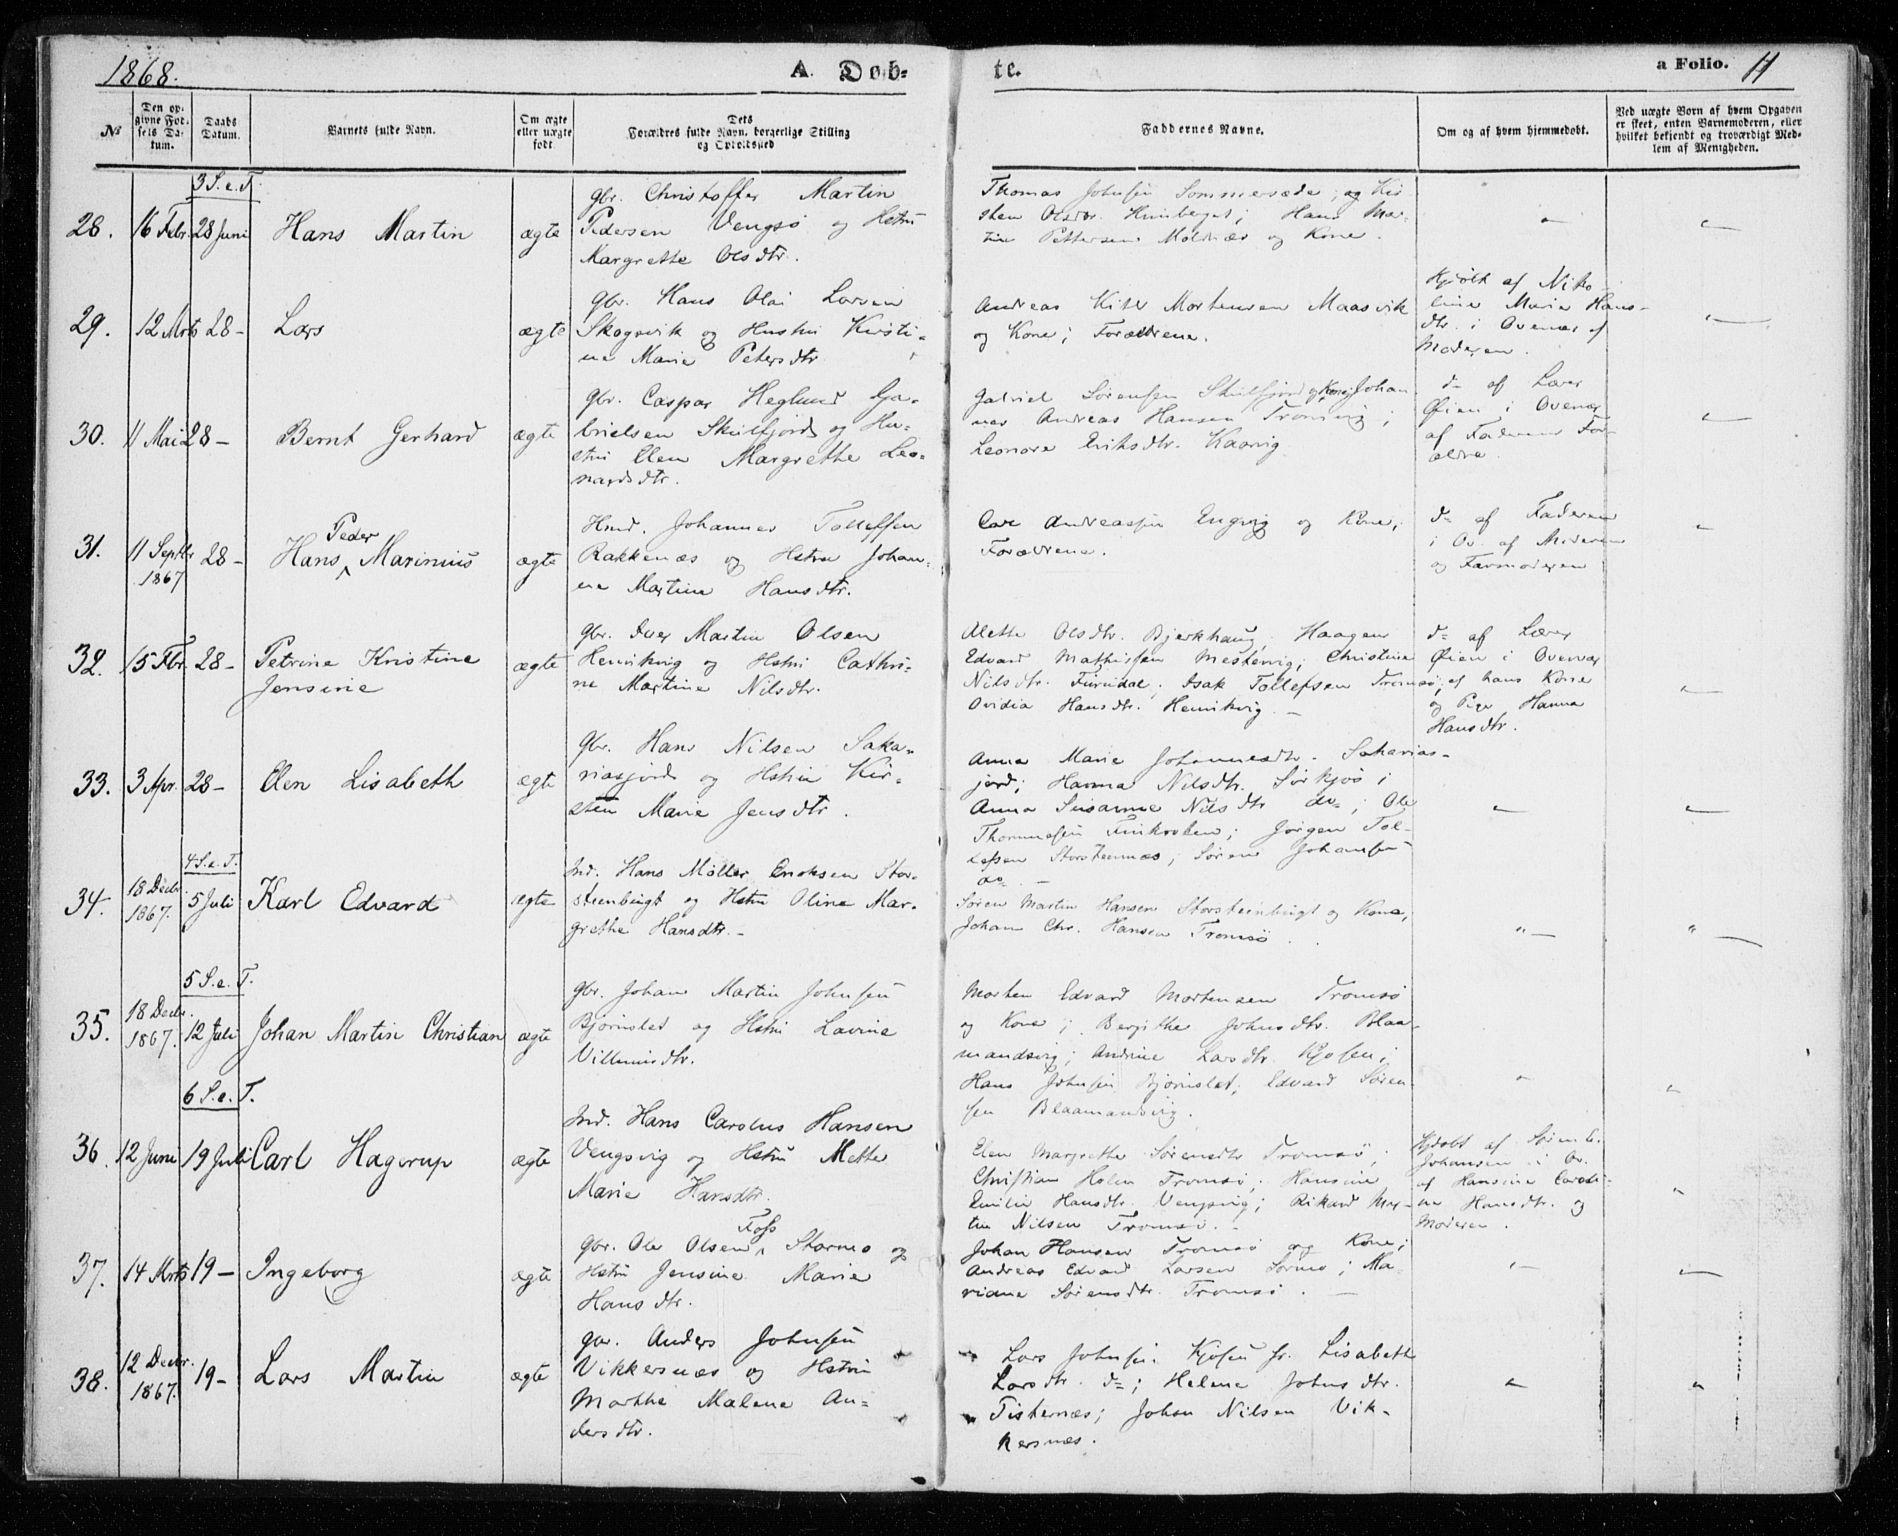 SATØ, Tromsøysund sokneprestkontor, G/Ga/L0002kirke: Ministerialbok nr. 2, 1867-1875, s. 11